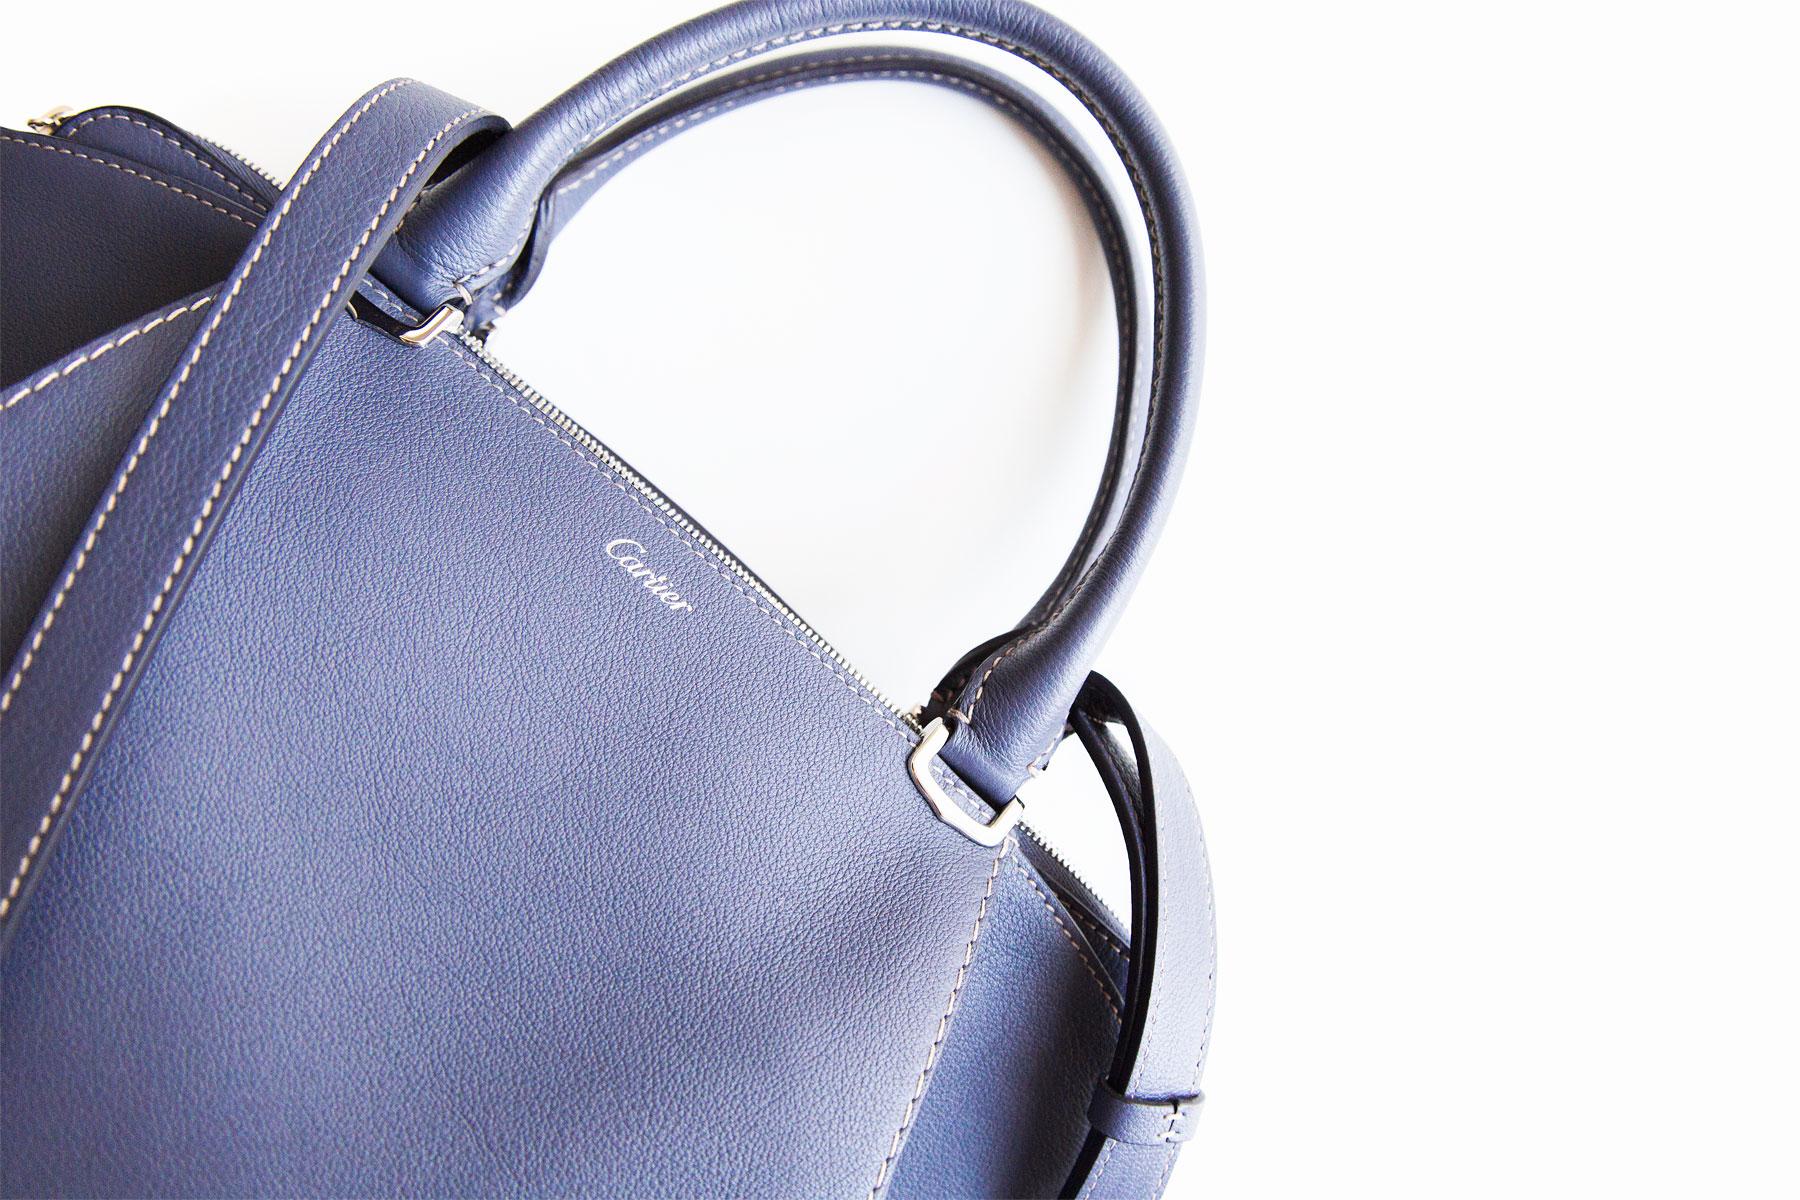 Cartier bag